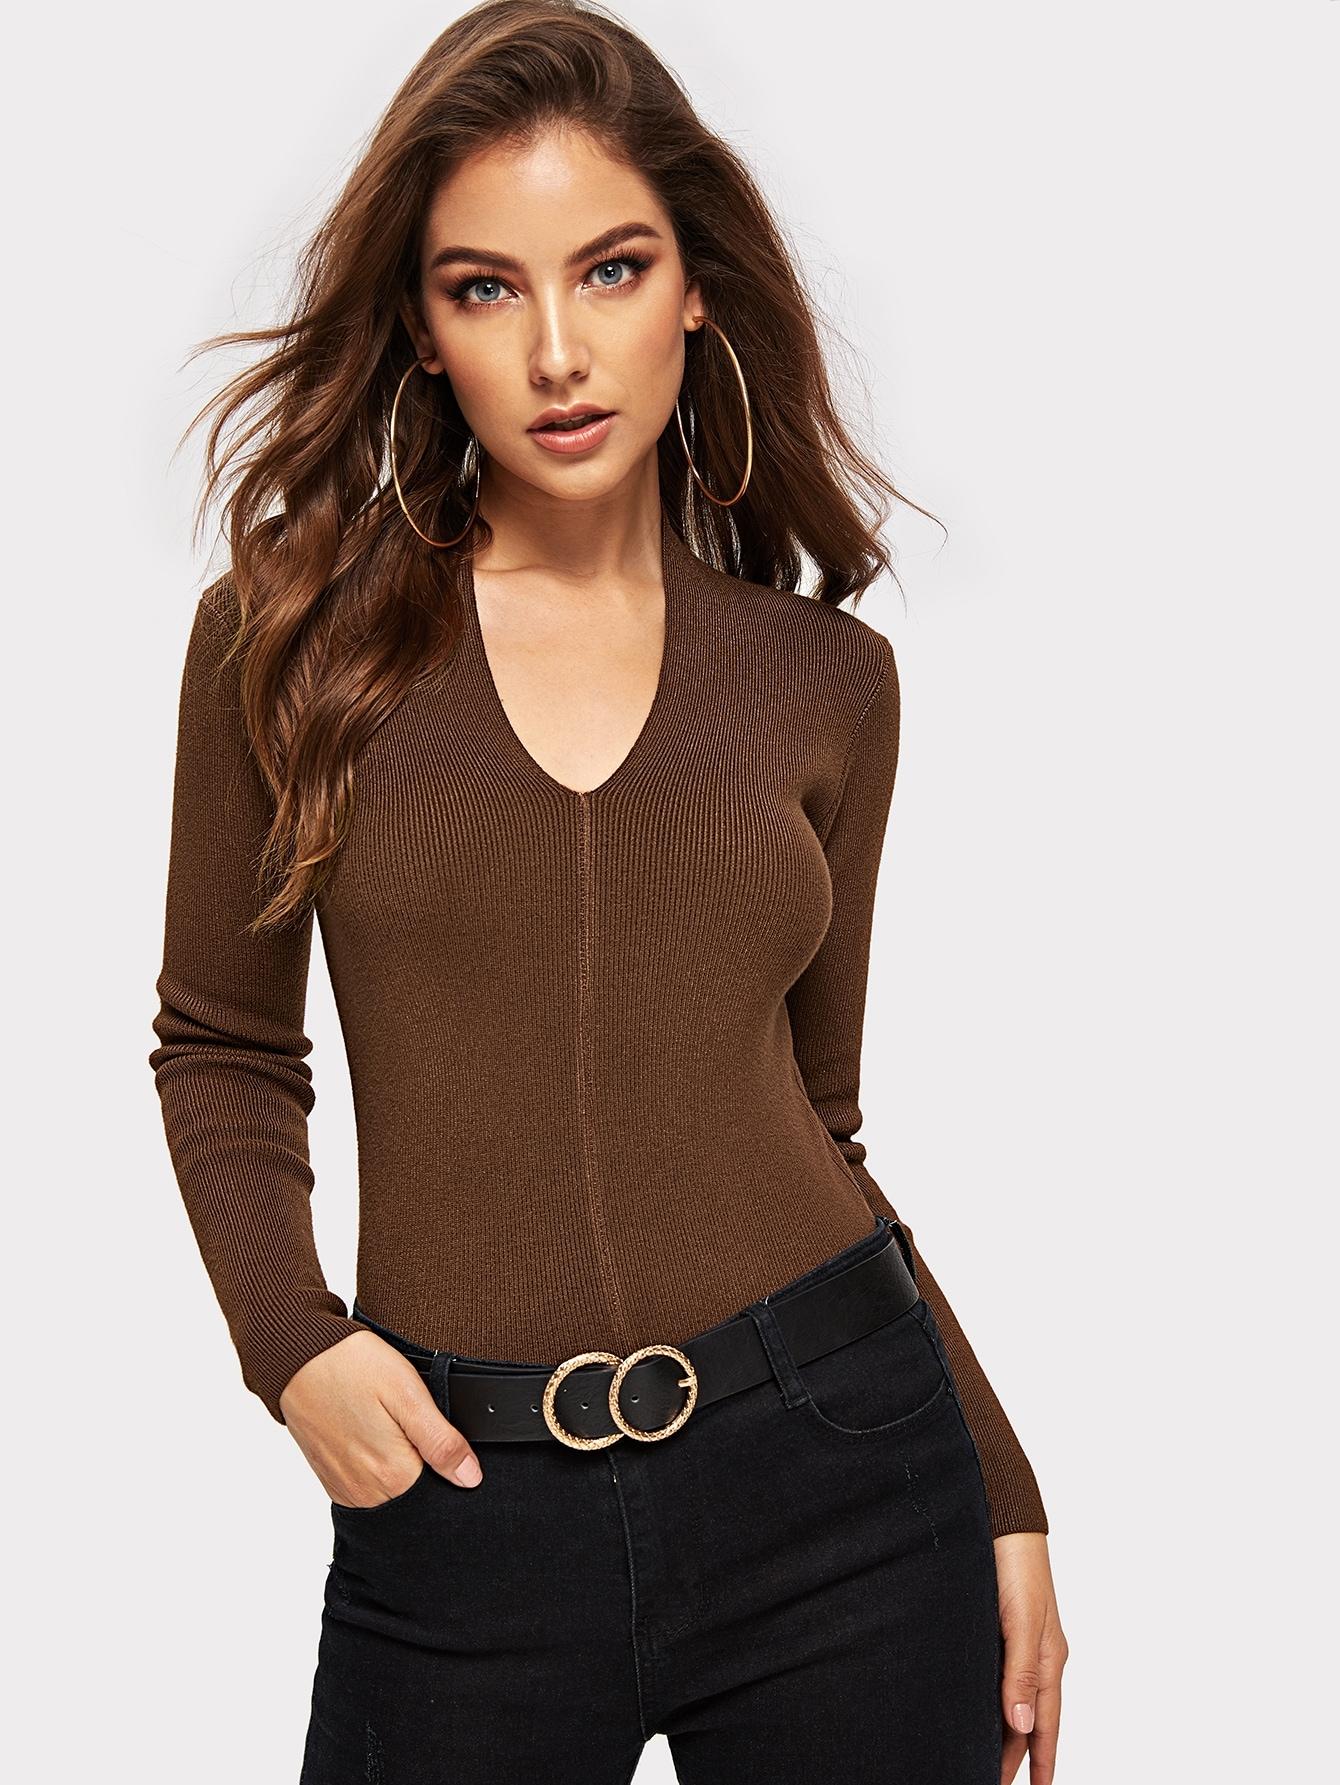 Купить Приталенный однотонный свитер, Debi Cruz, SheIn